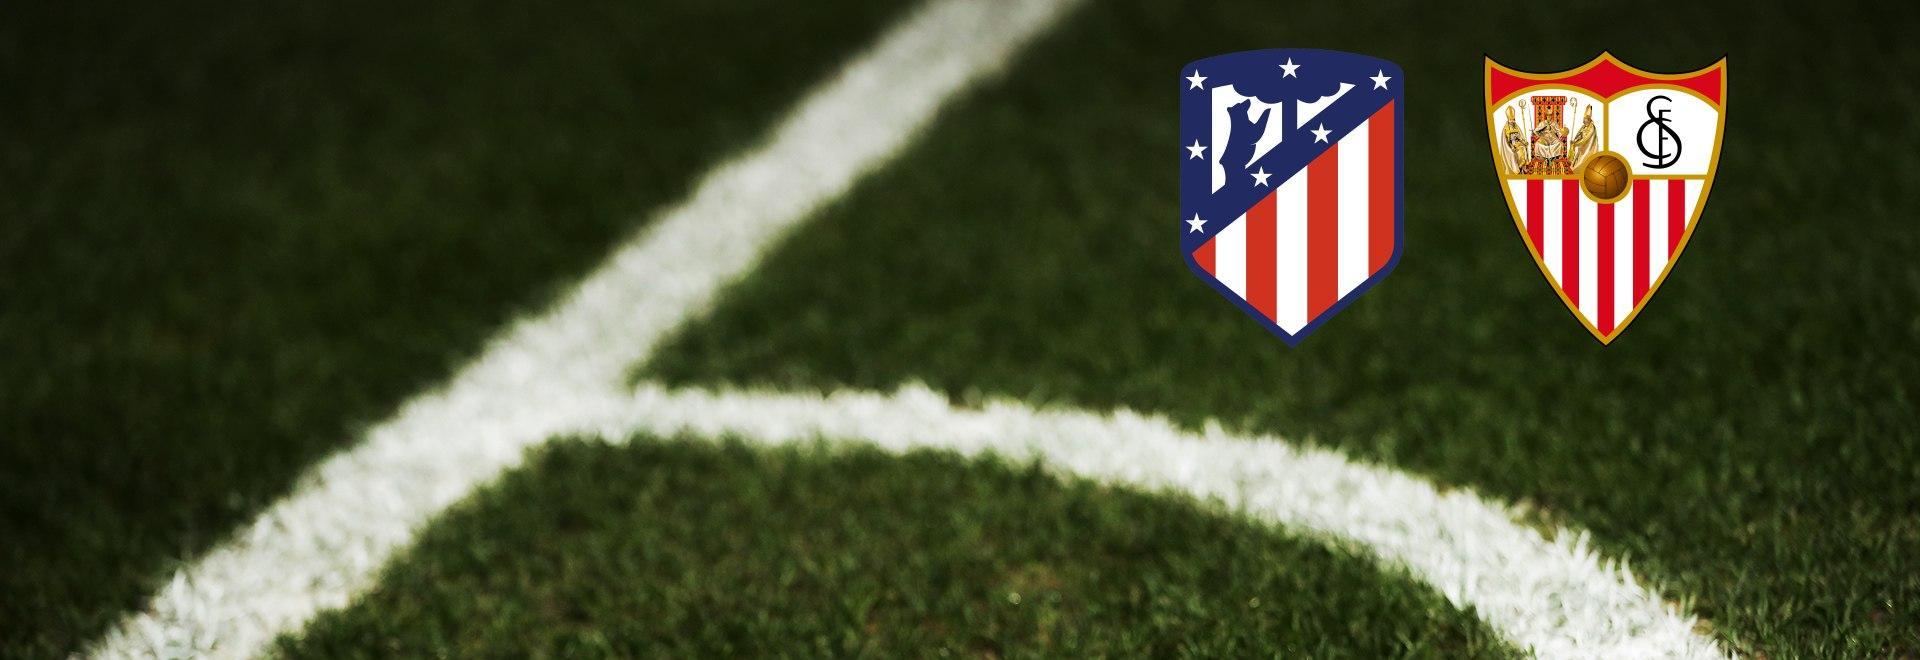 Atletico Madrid - Siviglia. 1a g.